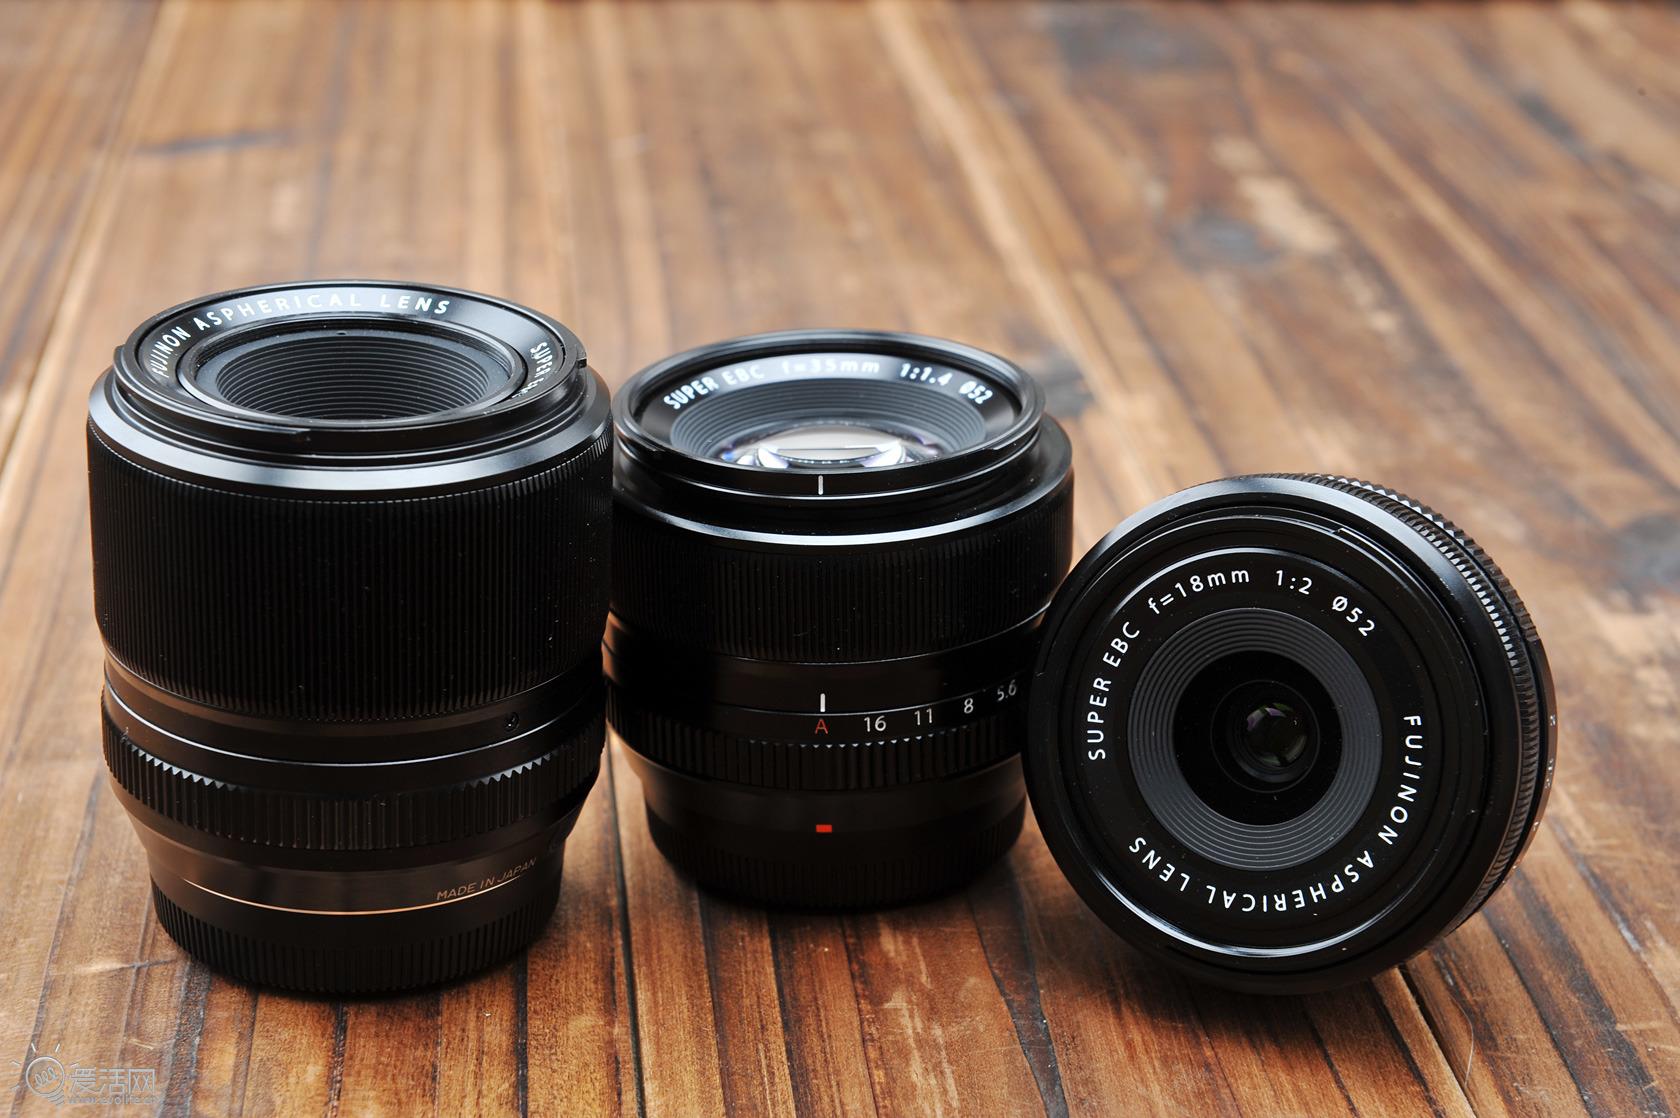 索尼微单反镜头_它不属于旁轴世界 富士X-PRO1相机深入试玩_爱活网 Evolife.cn